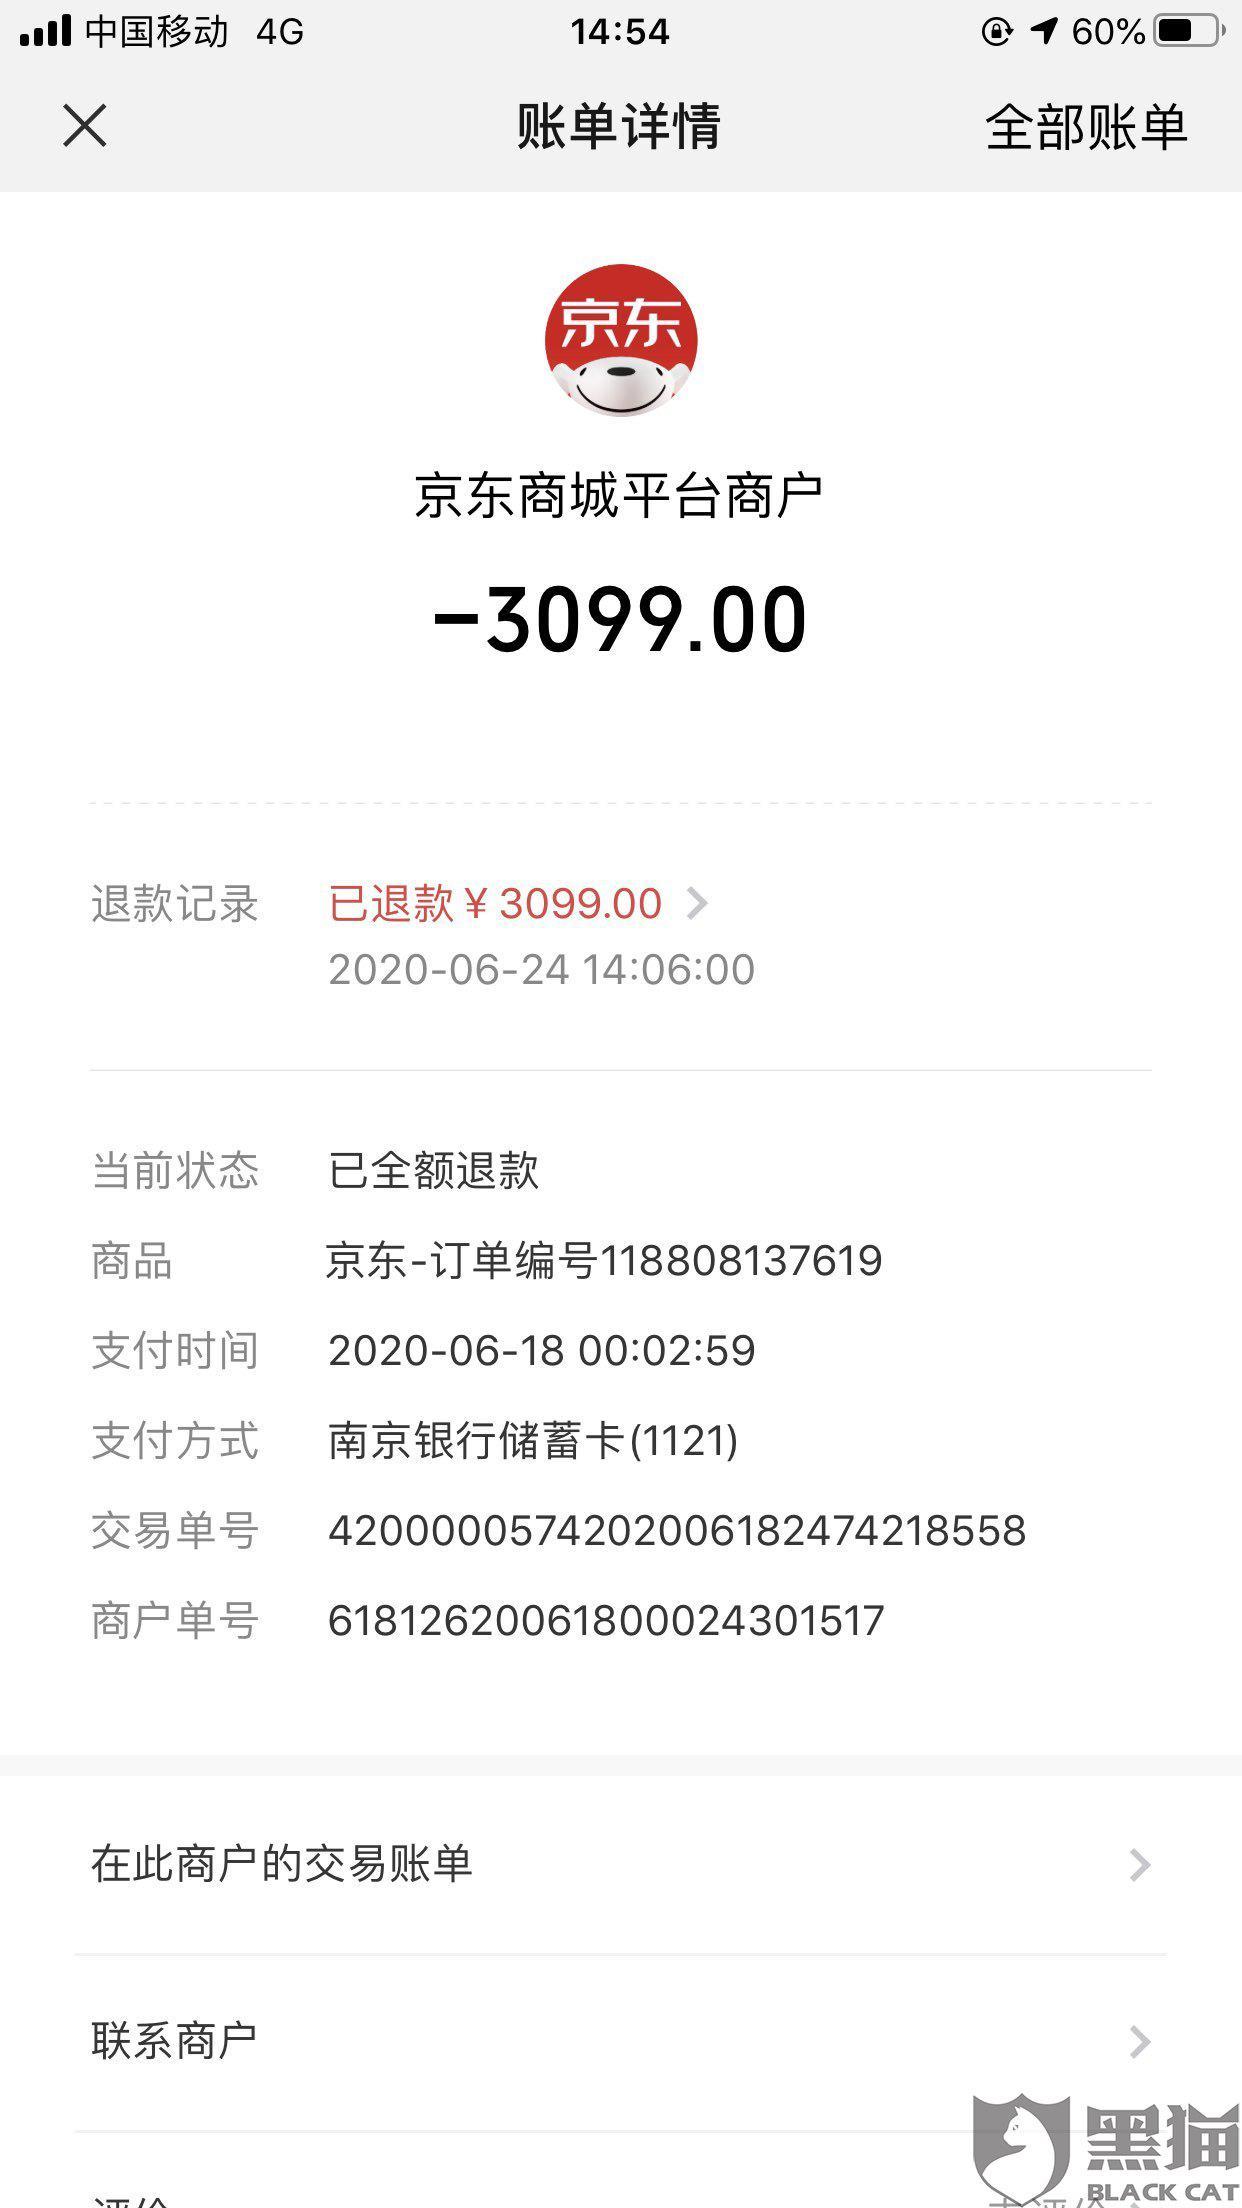 黑猫投诉:用分期乐在京东买的东西后来退款了.退款显示退到分期乐的南京银行的卡